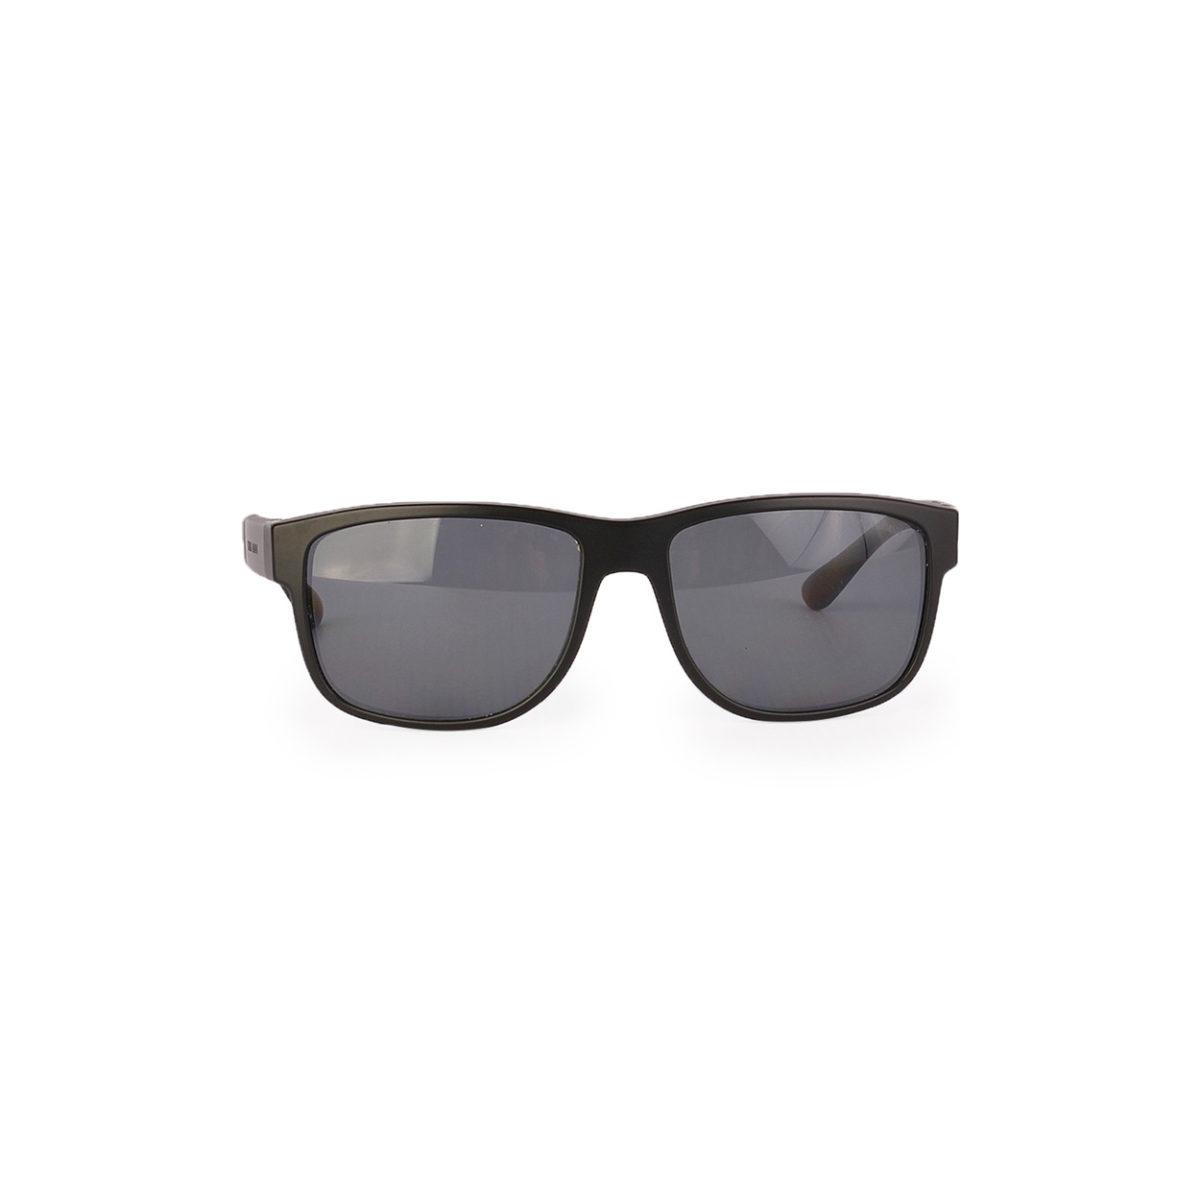 175808170e84 GIORGIO ARMANI Sunglasses AR8057 Matt Black